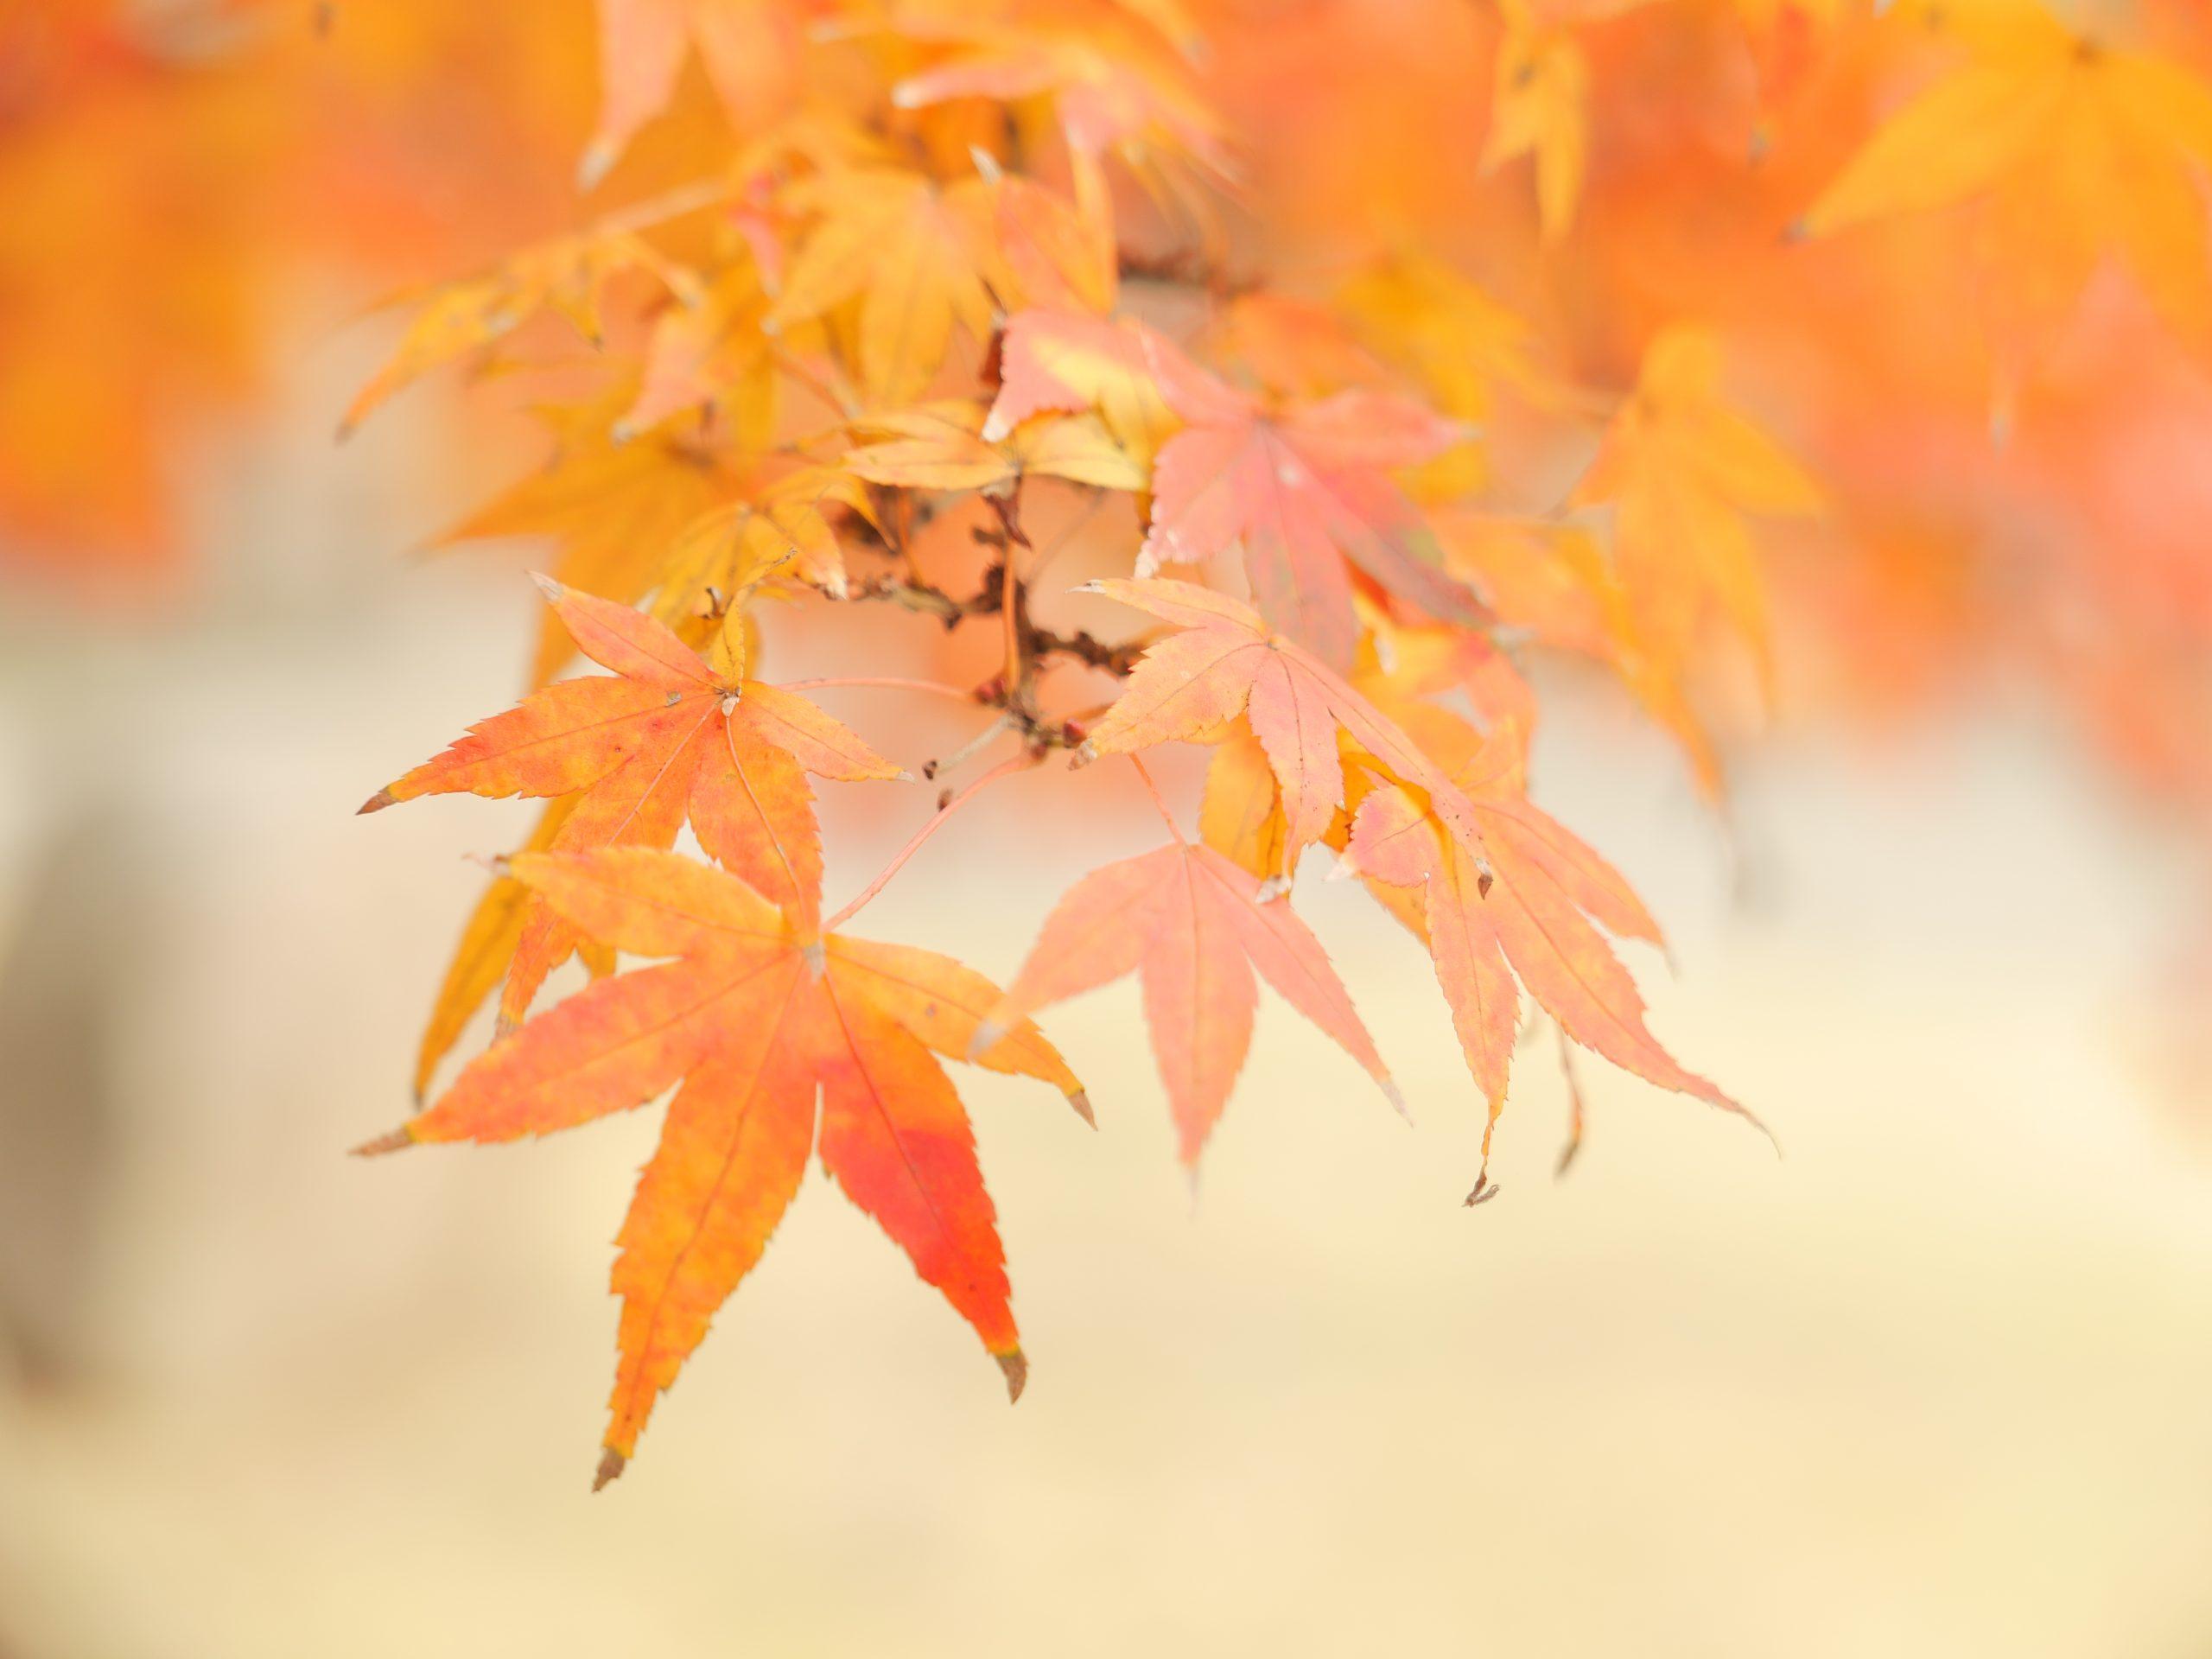 【Panasonic】大晦日に振り替える晩秋の時